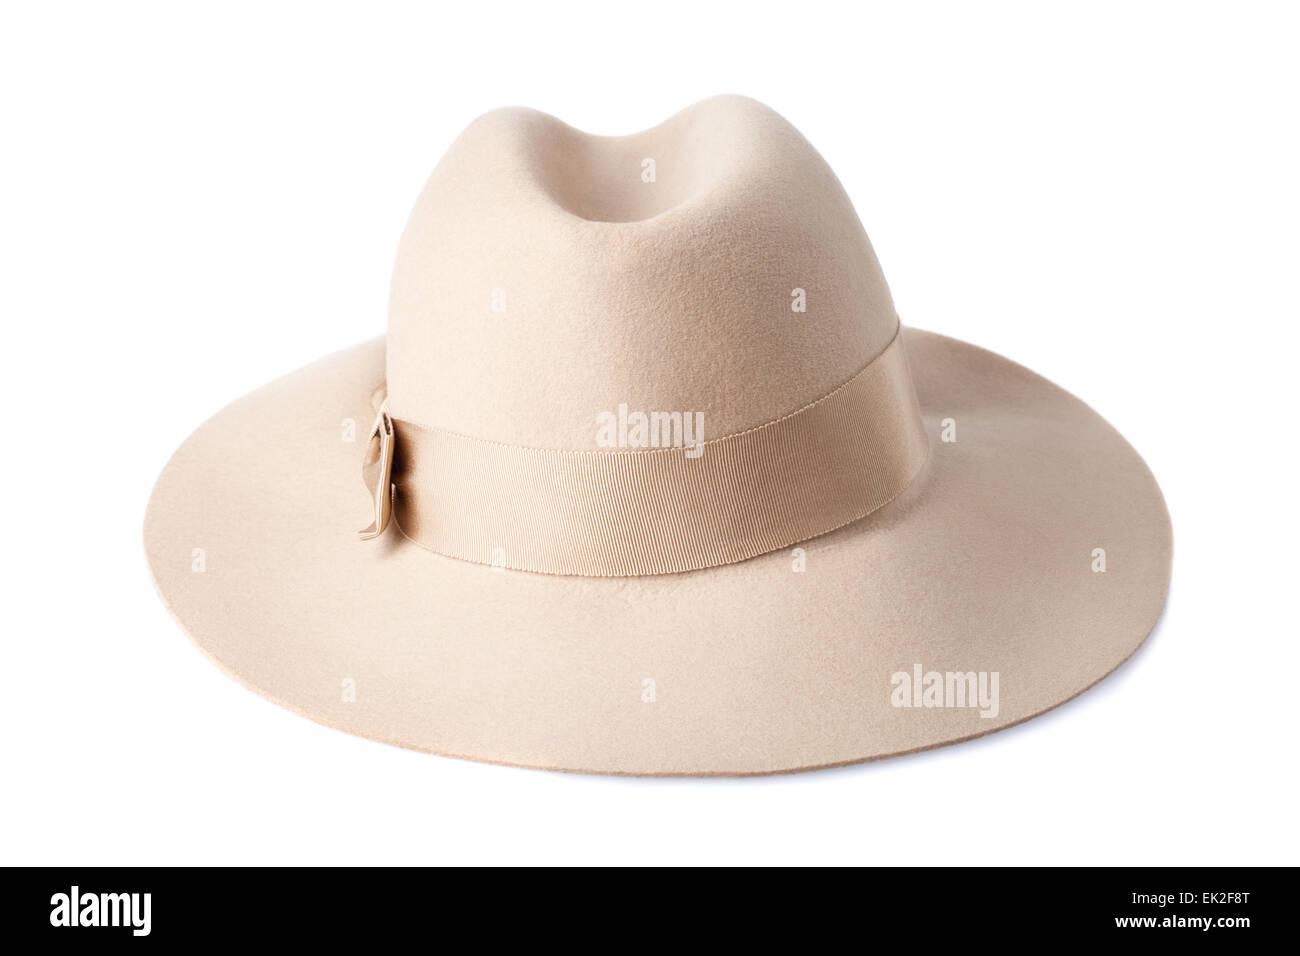 de33ac64ceb81 Beige Felt Hat Stock Photos   Beige Felt Hat Stock Images - Alamy